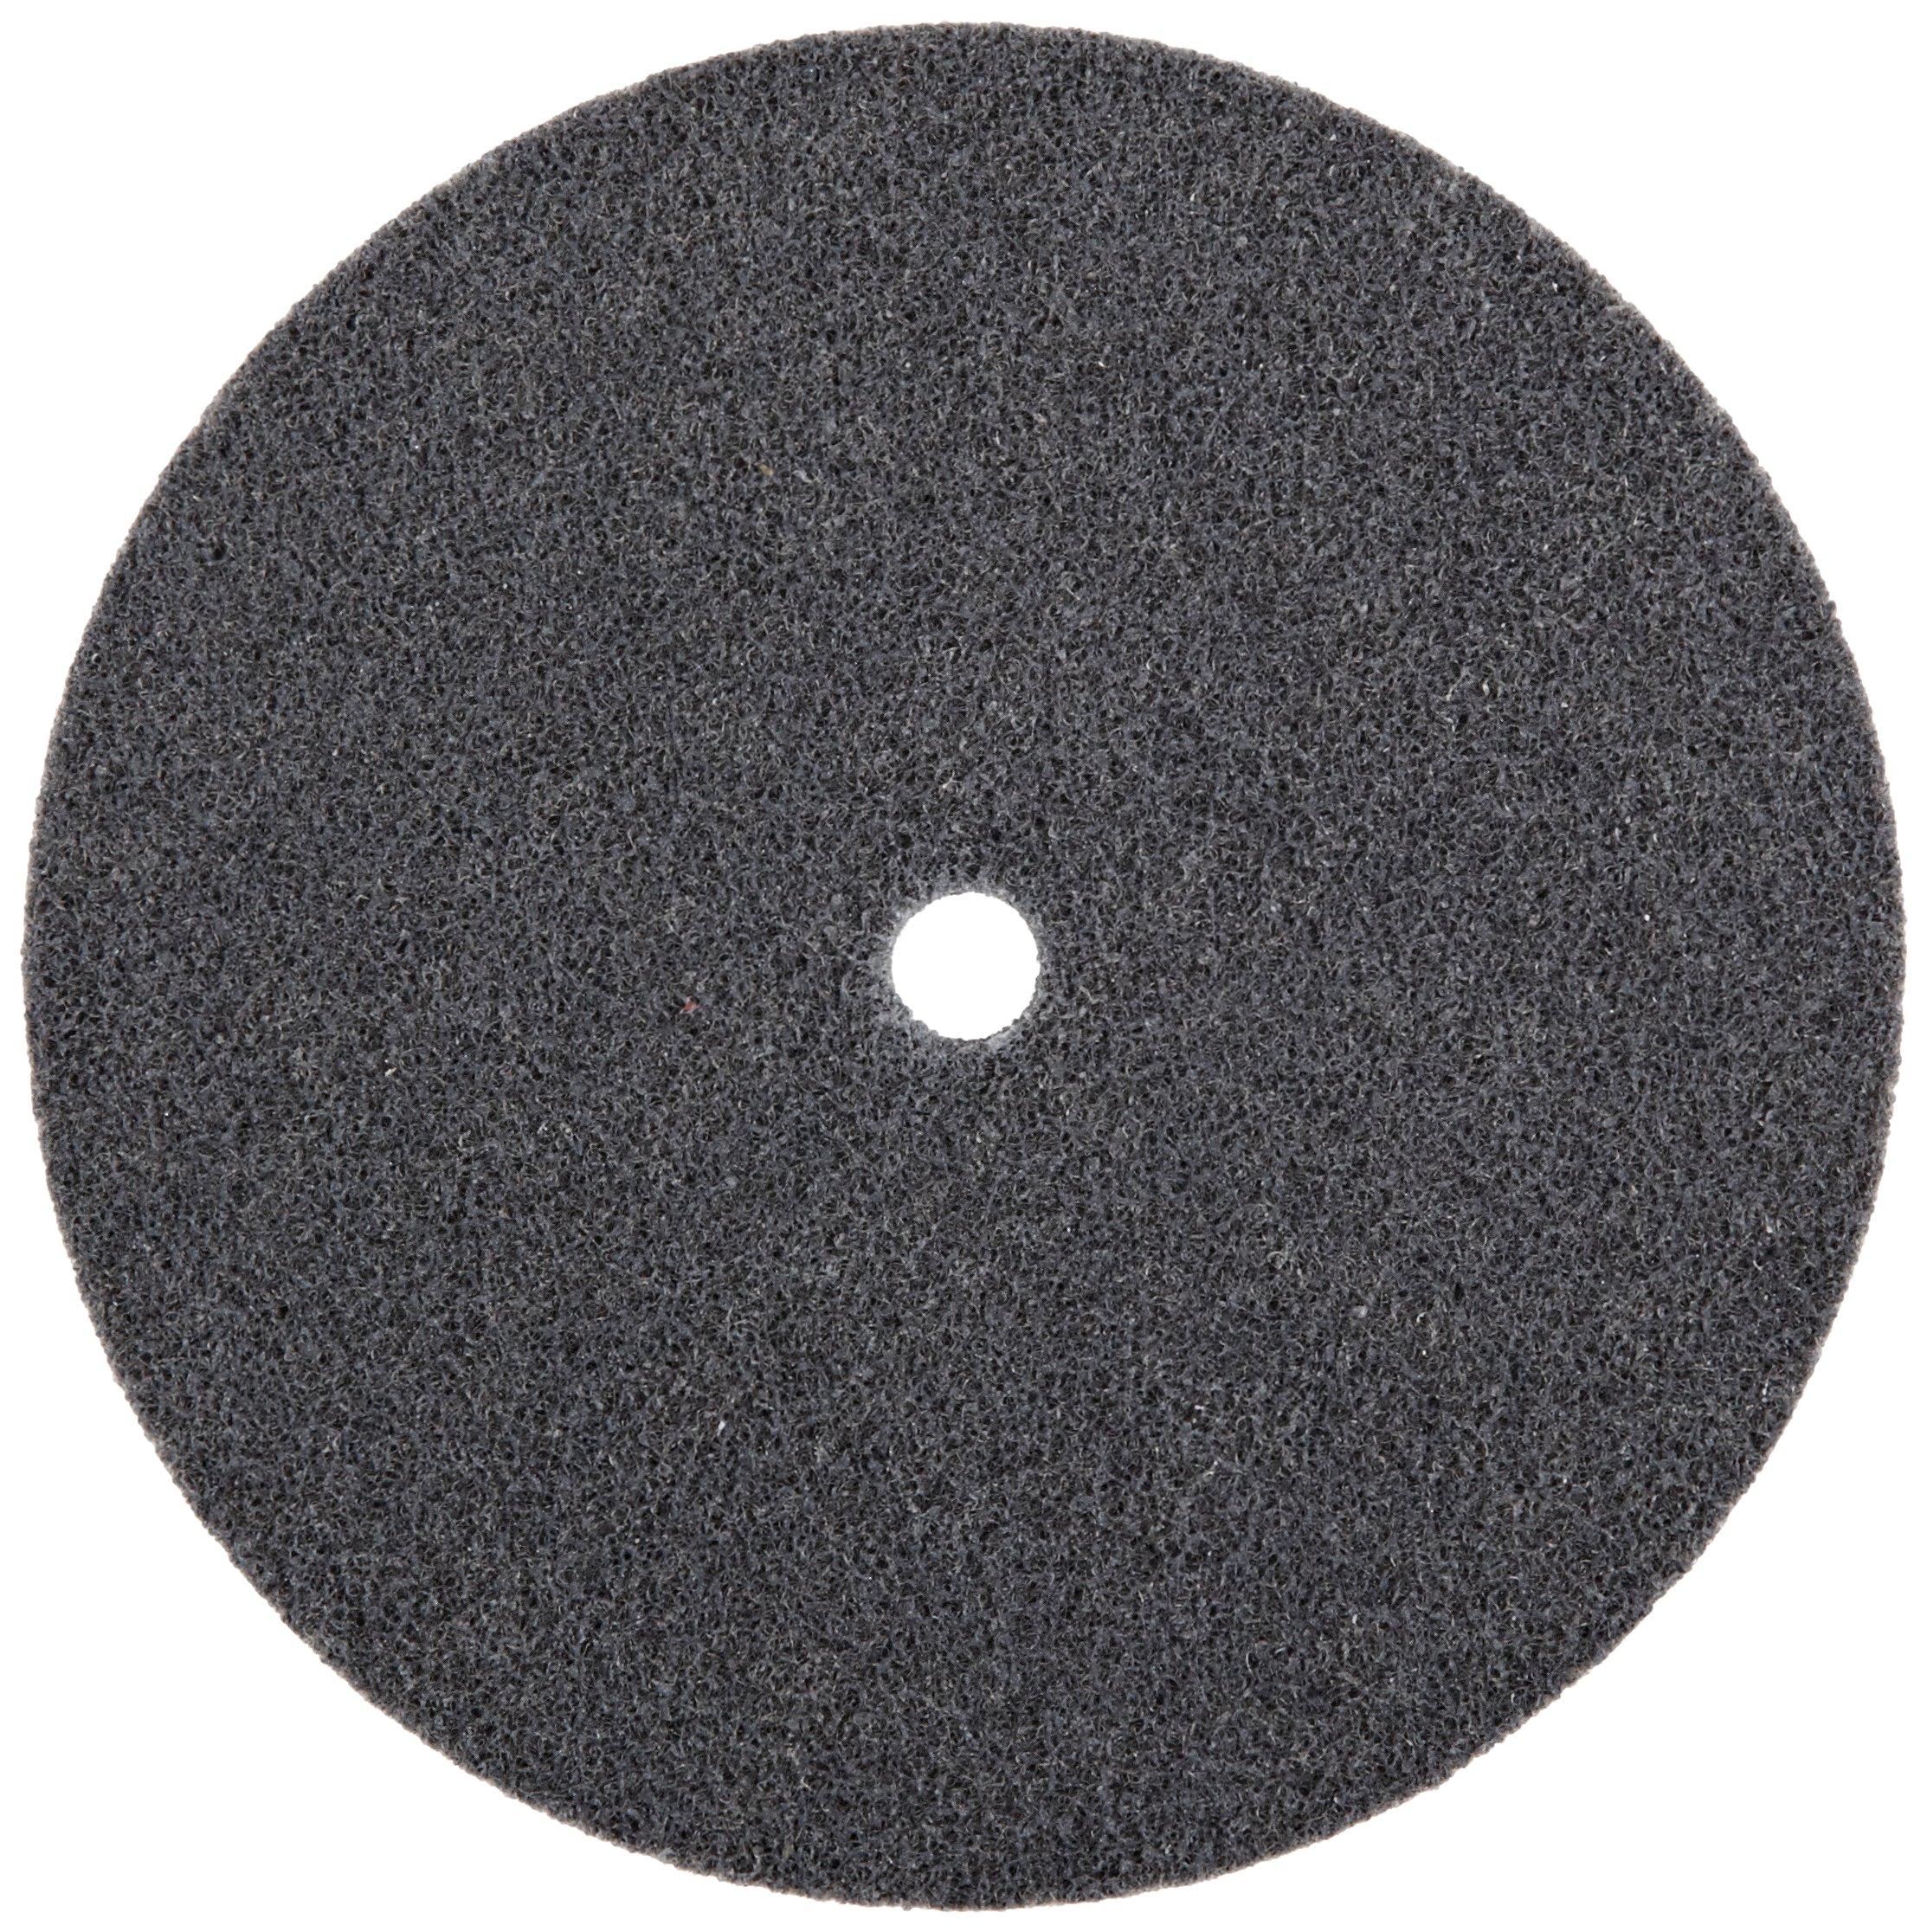 Scotch-Brite(TM) EXL Unitized Wheel, Silicon Carbide, 5000 rpm, 6 Diameter, 1/2 Arbor, 2S Fine Grit  (Pack of 4) by Cubitron